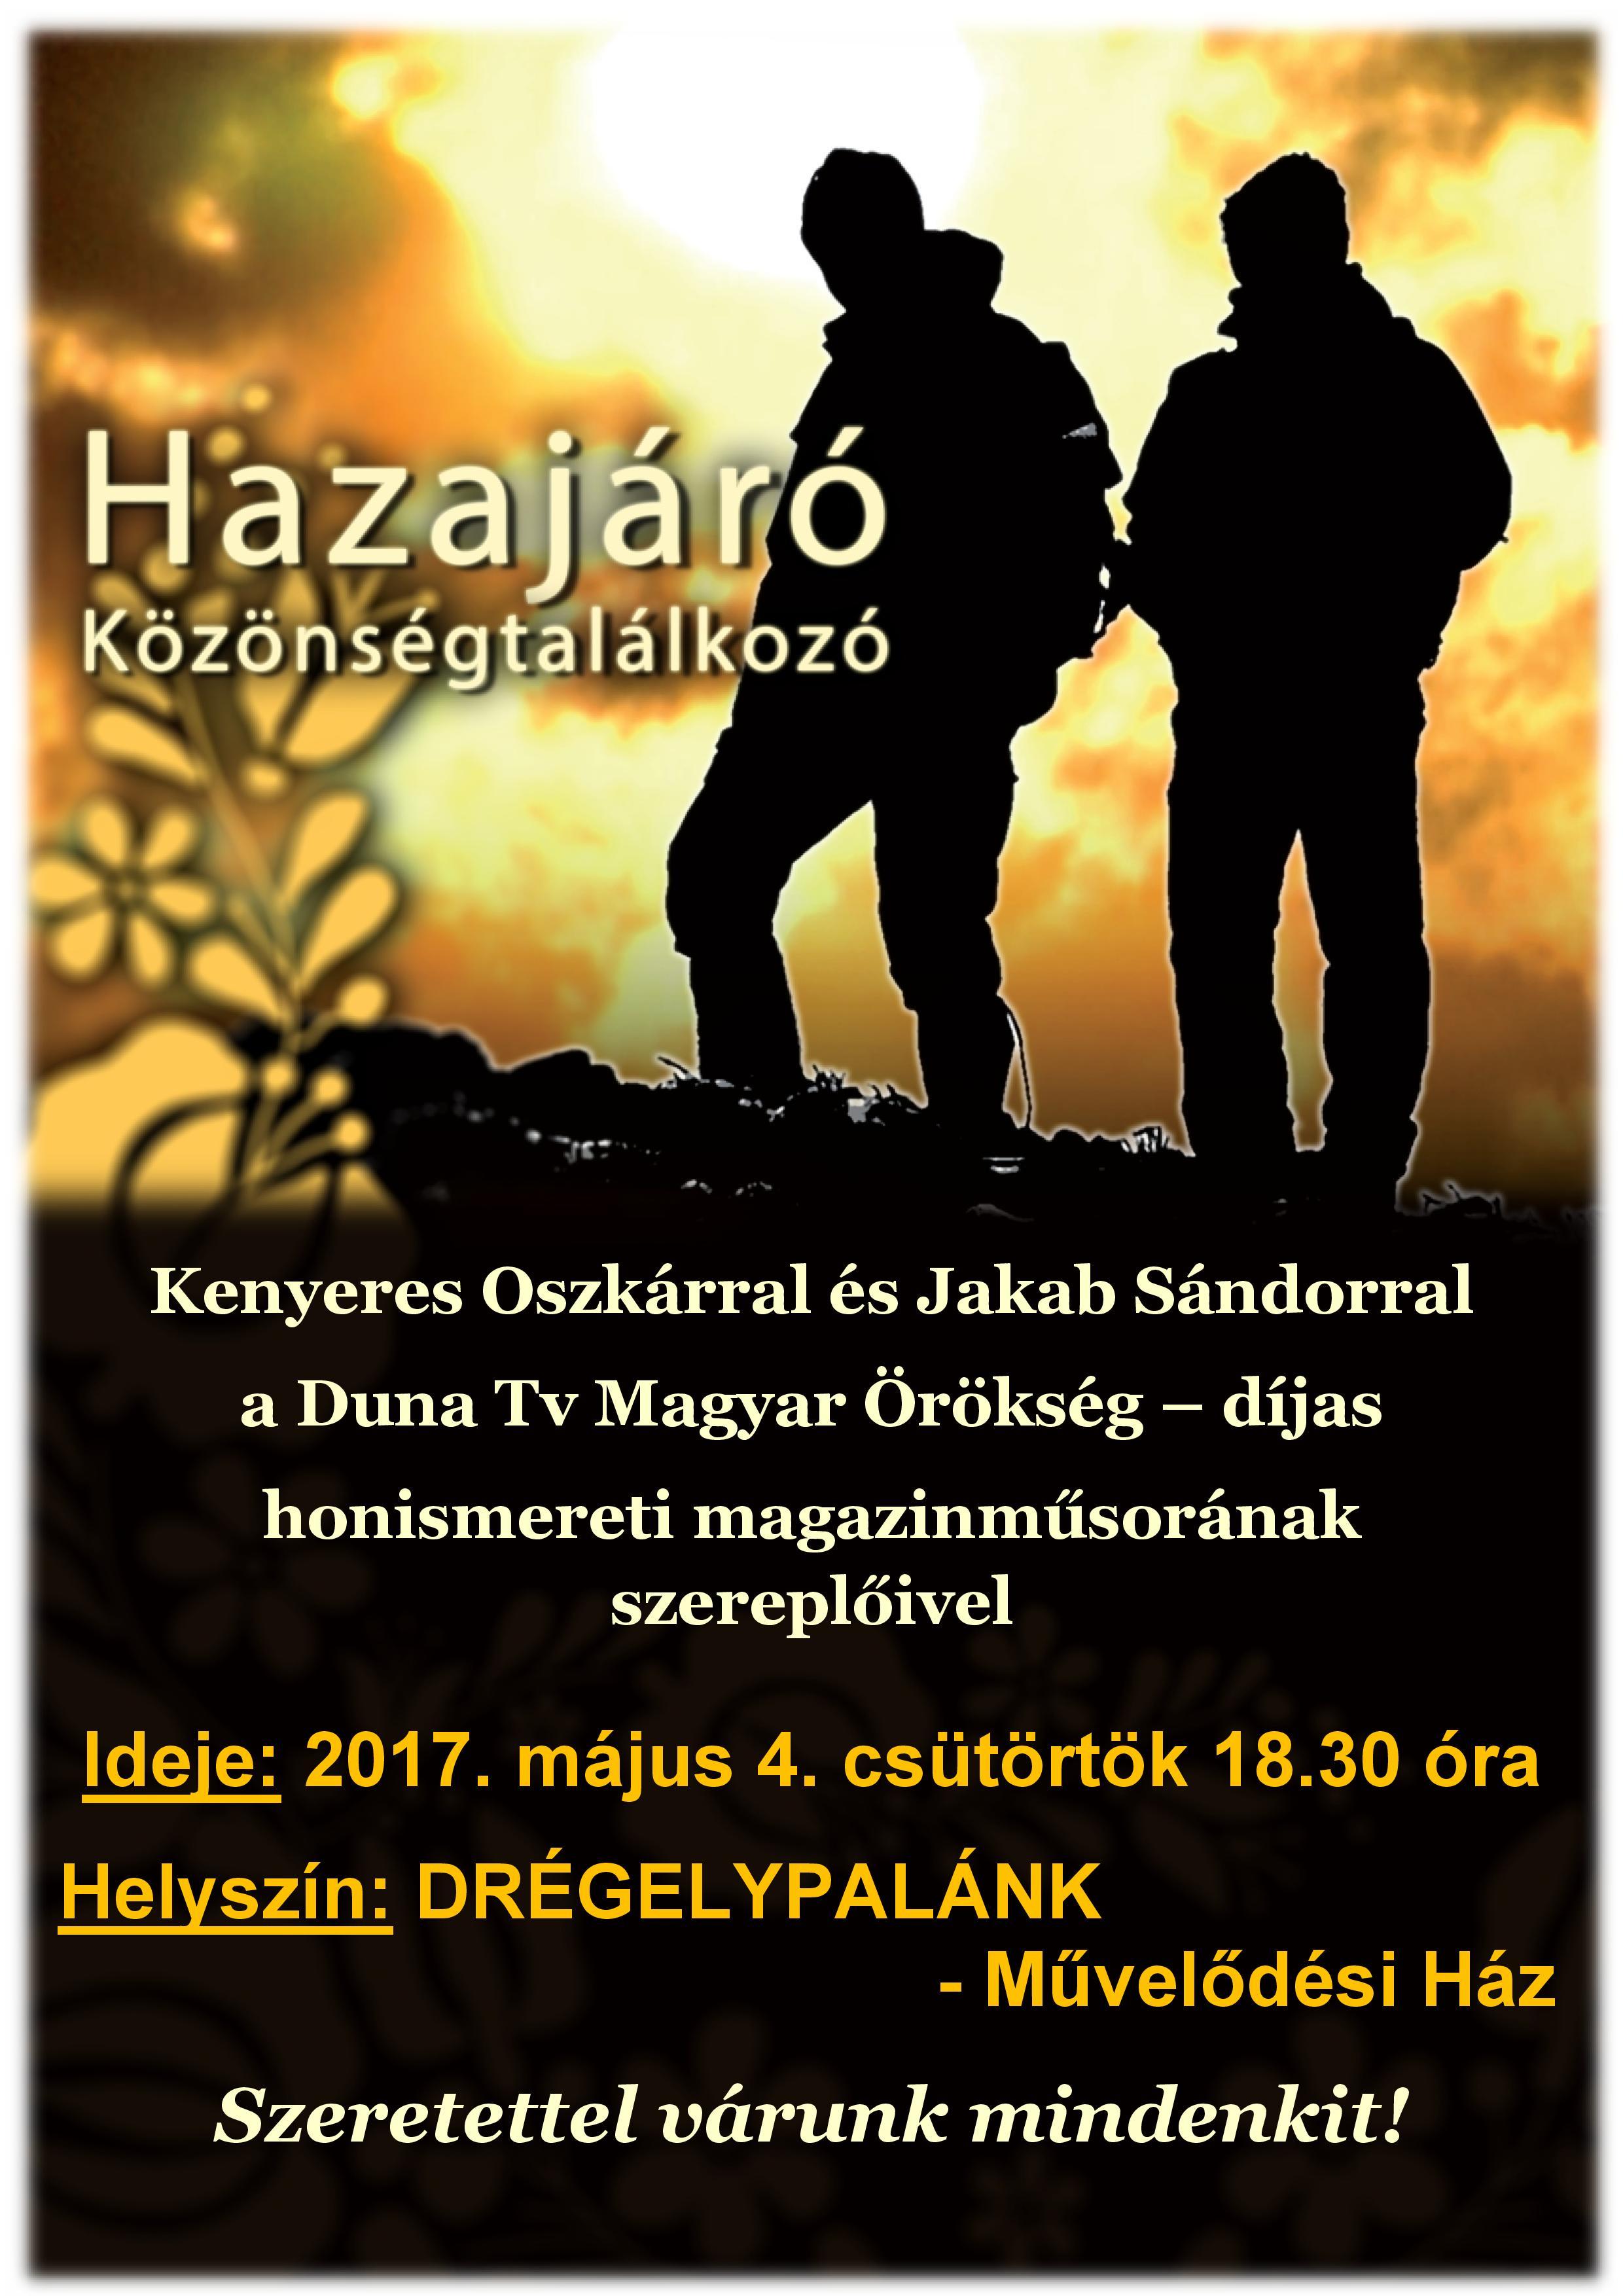 Hazajáró Közönségtalálkozó plakát-page-001